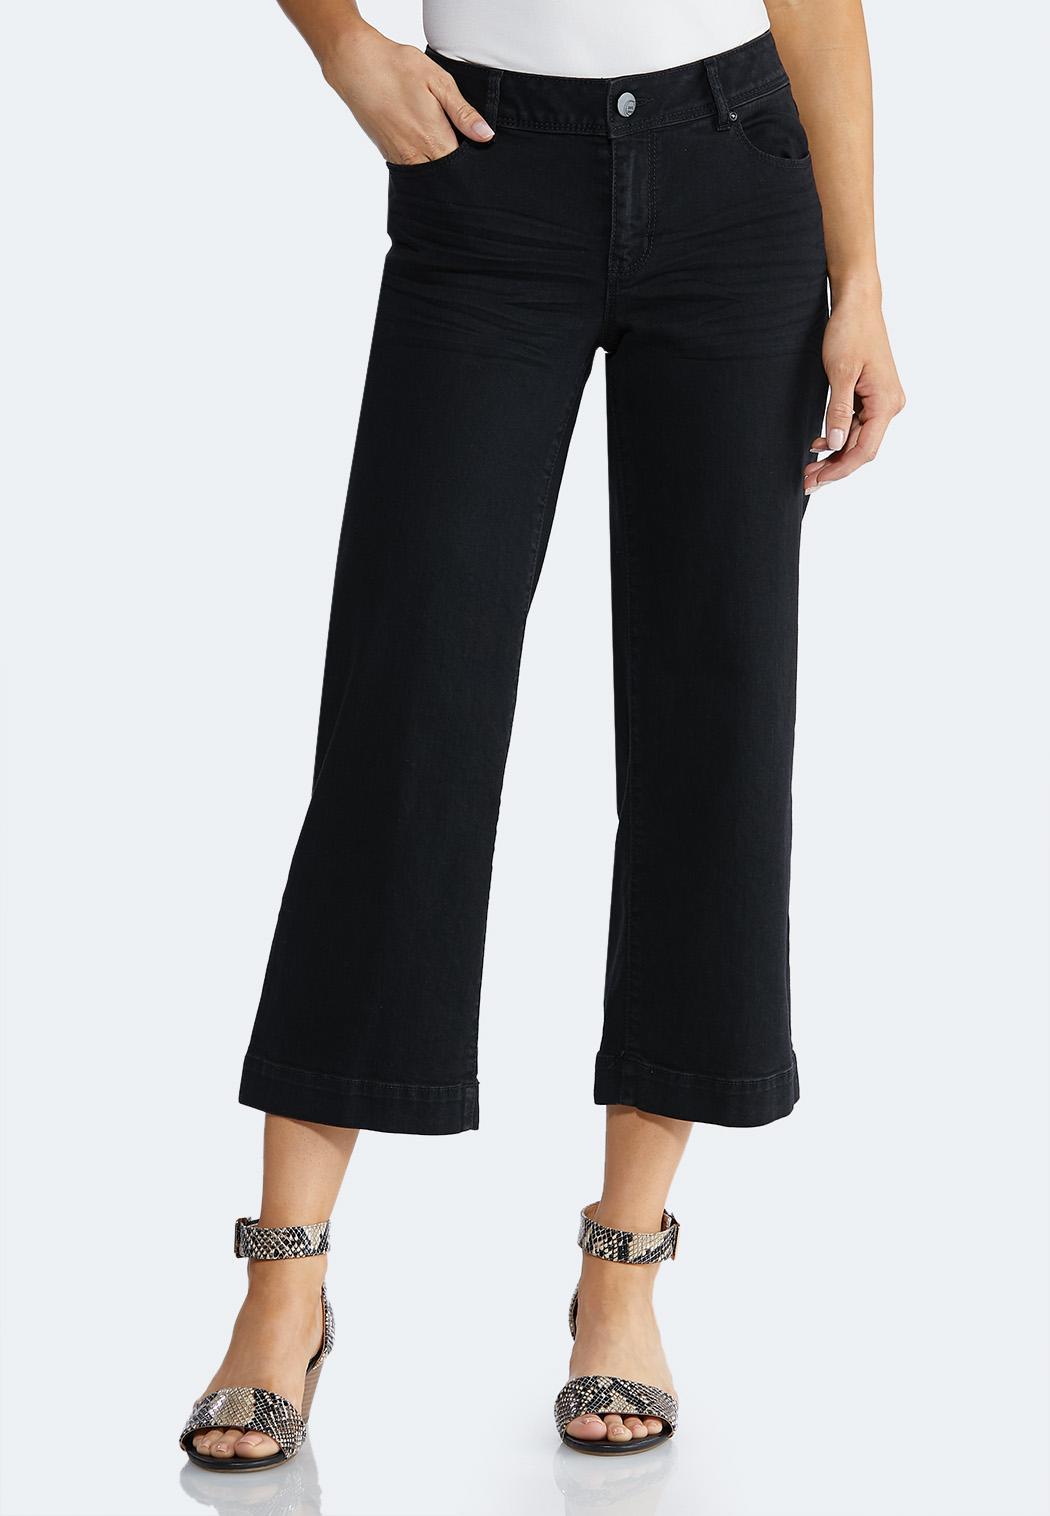 Cropped Wide Leg Pants